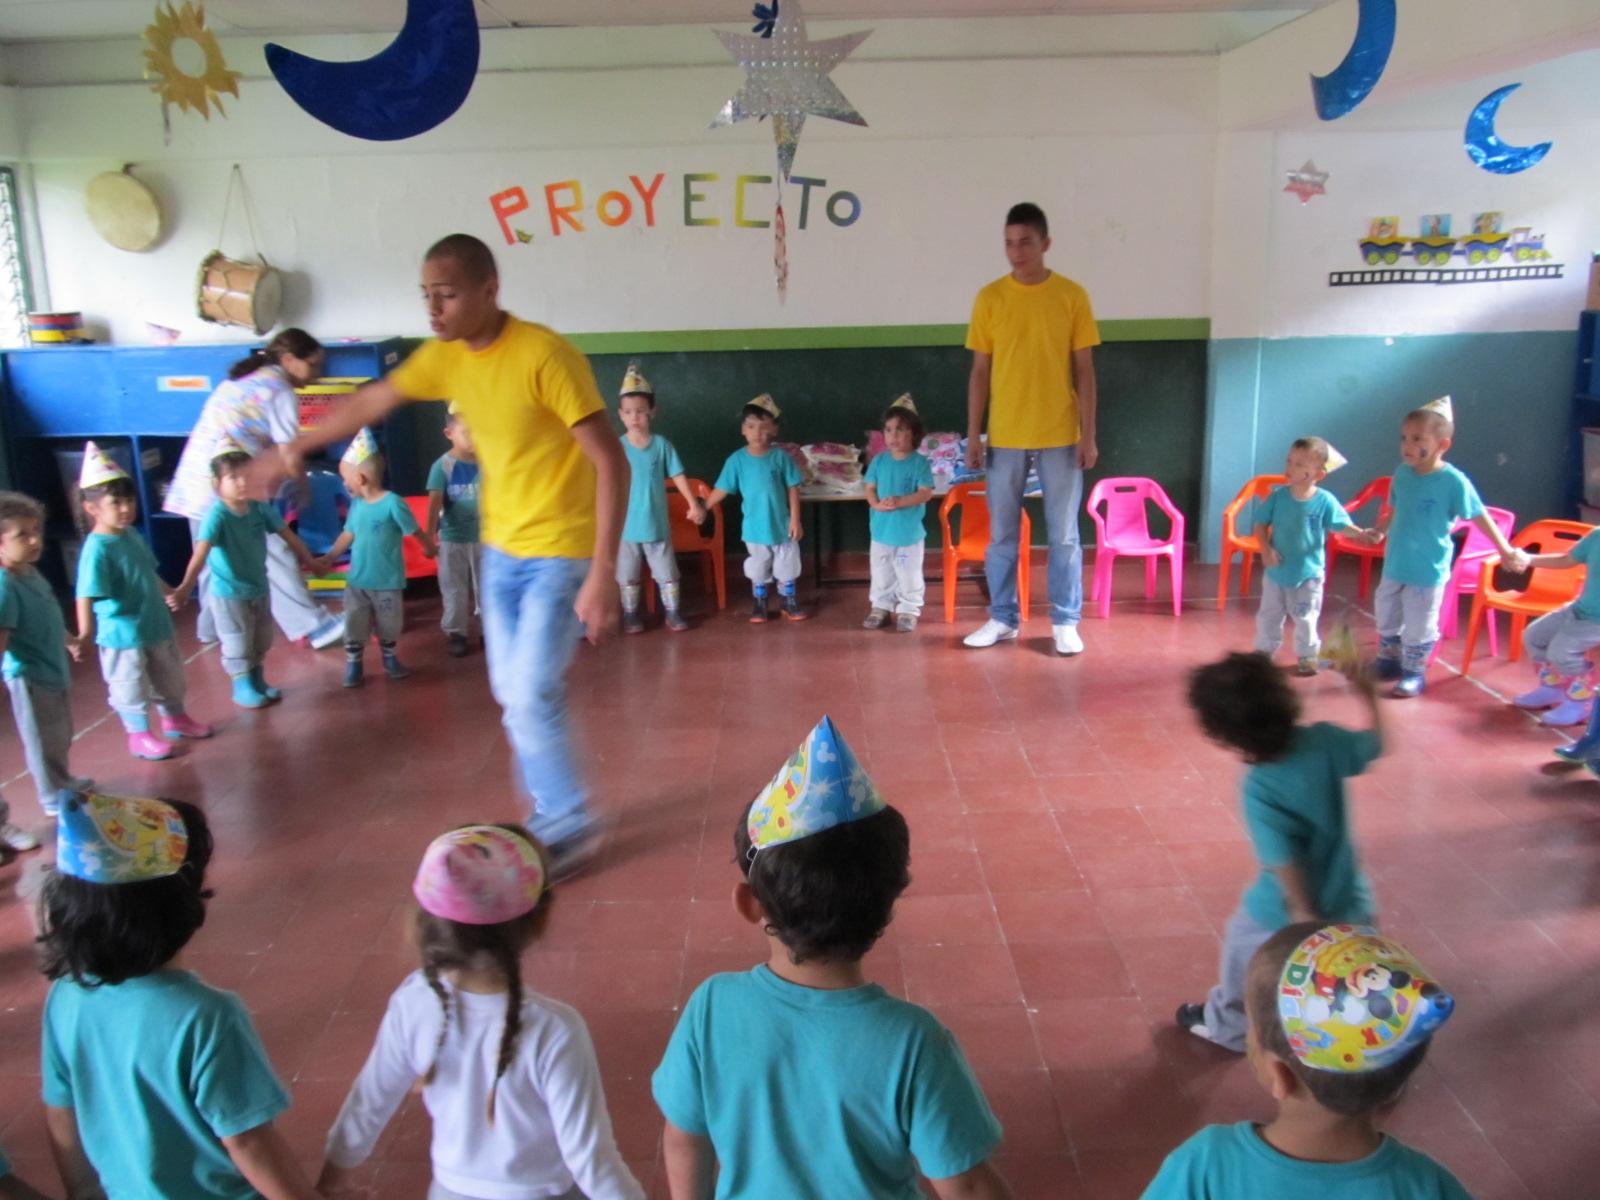 Recreacion fiestas infantiles medellin revoltosos recreaciones - Fiestas tematicas para adultos ...